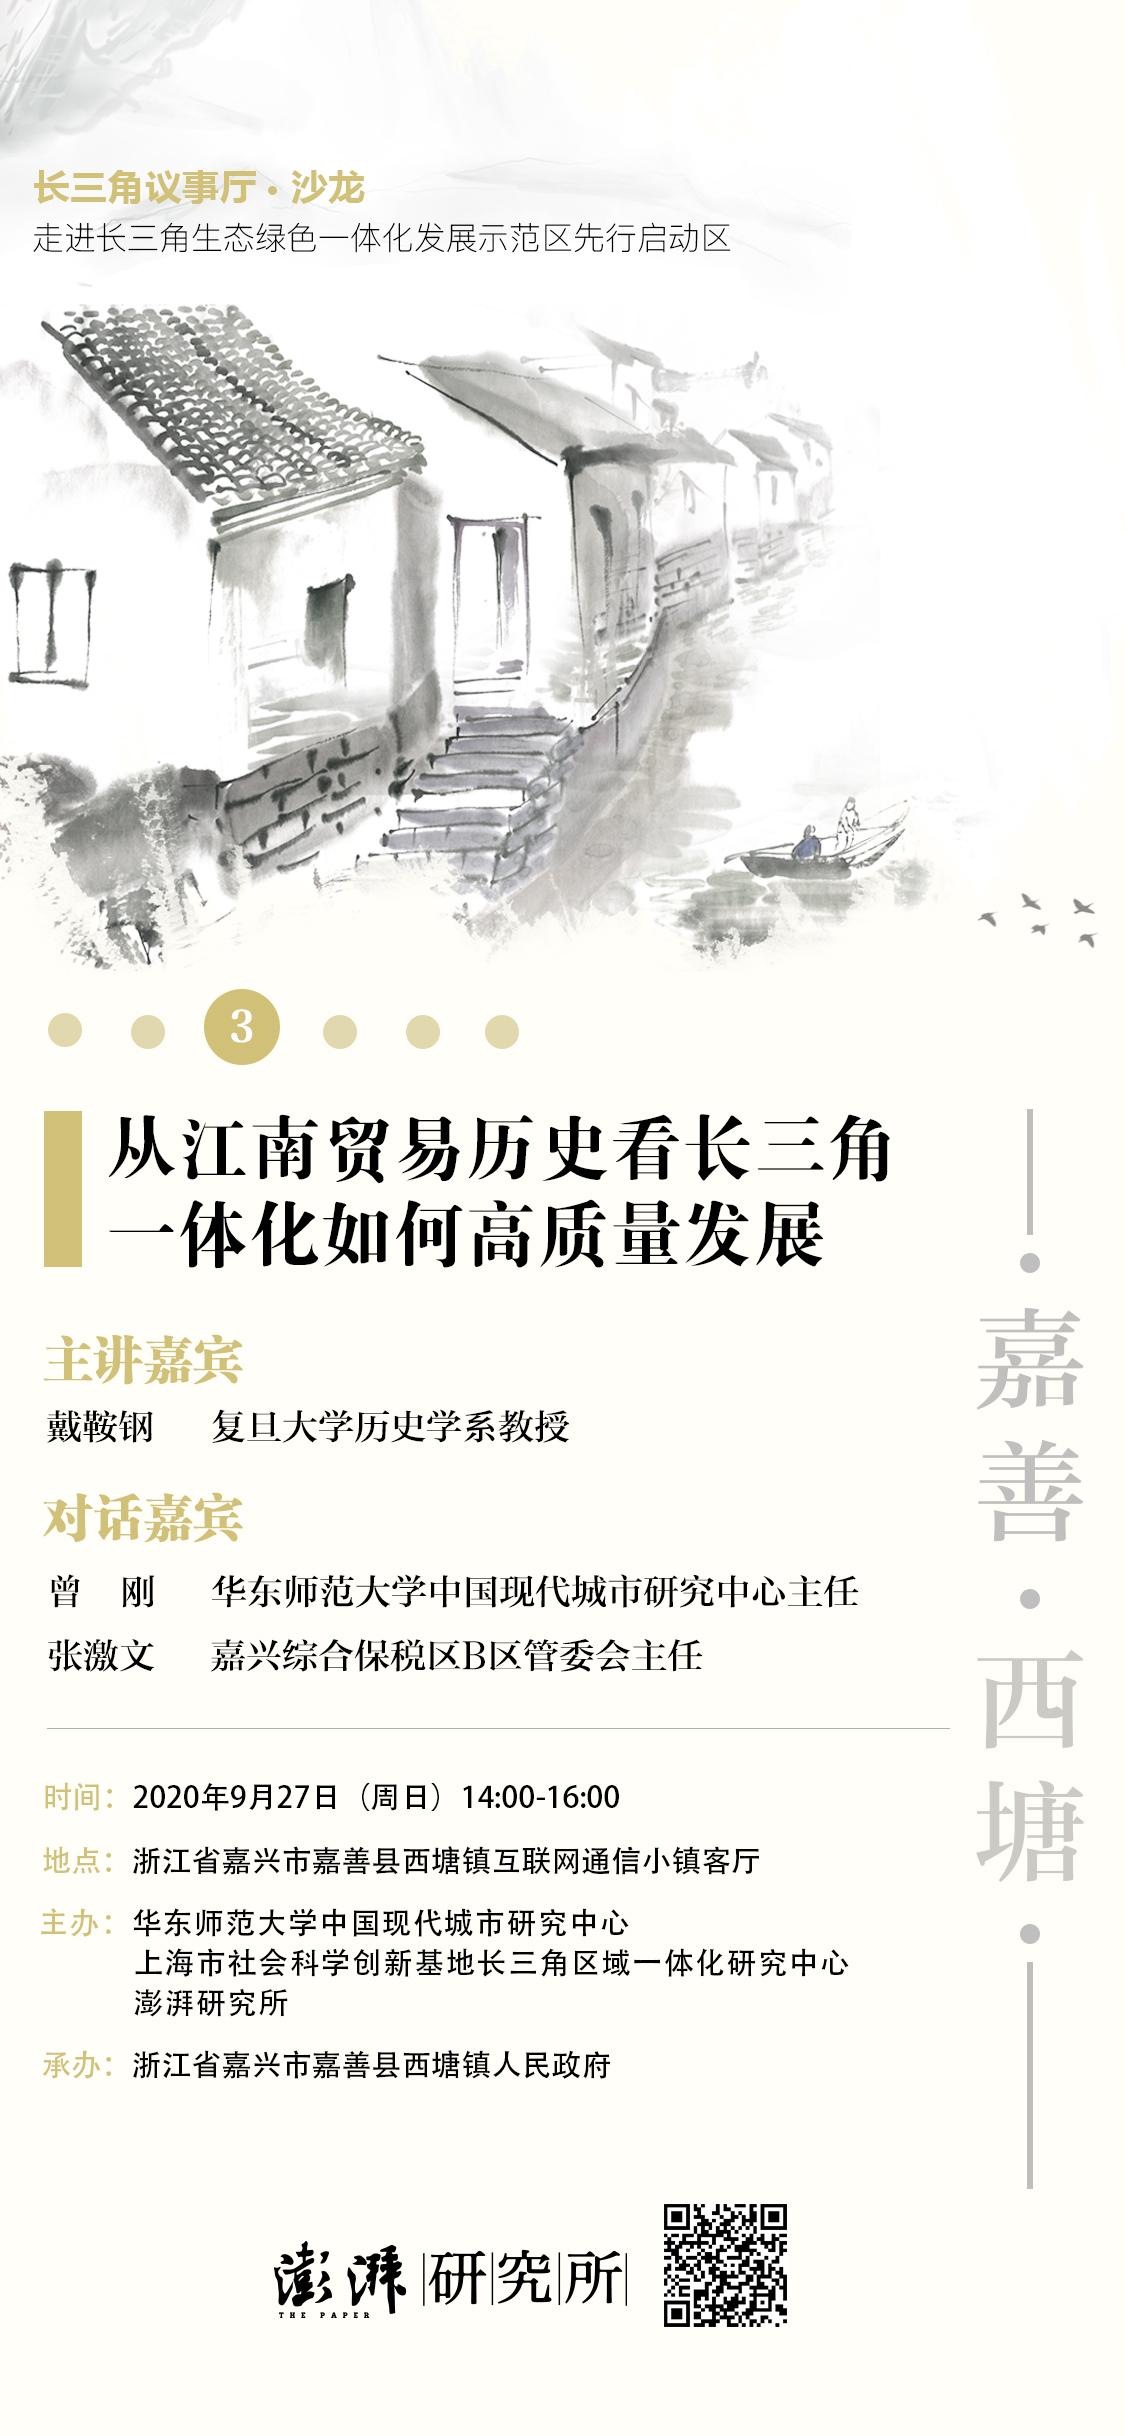 必威亚洲备用网新闻 郁斐 制图